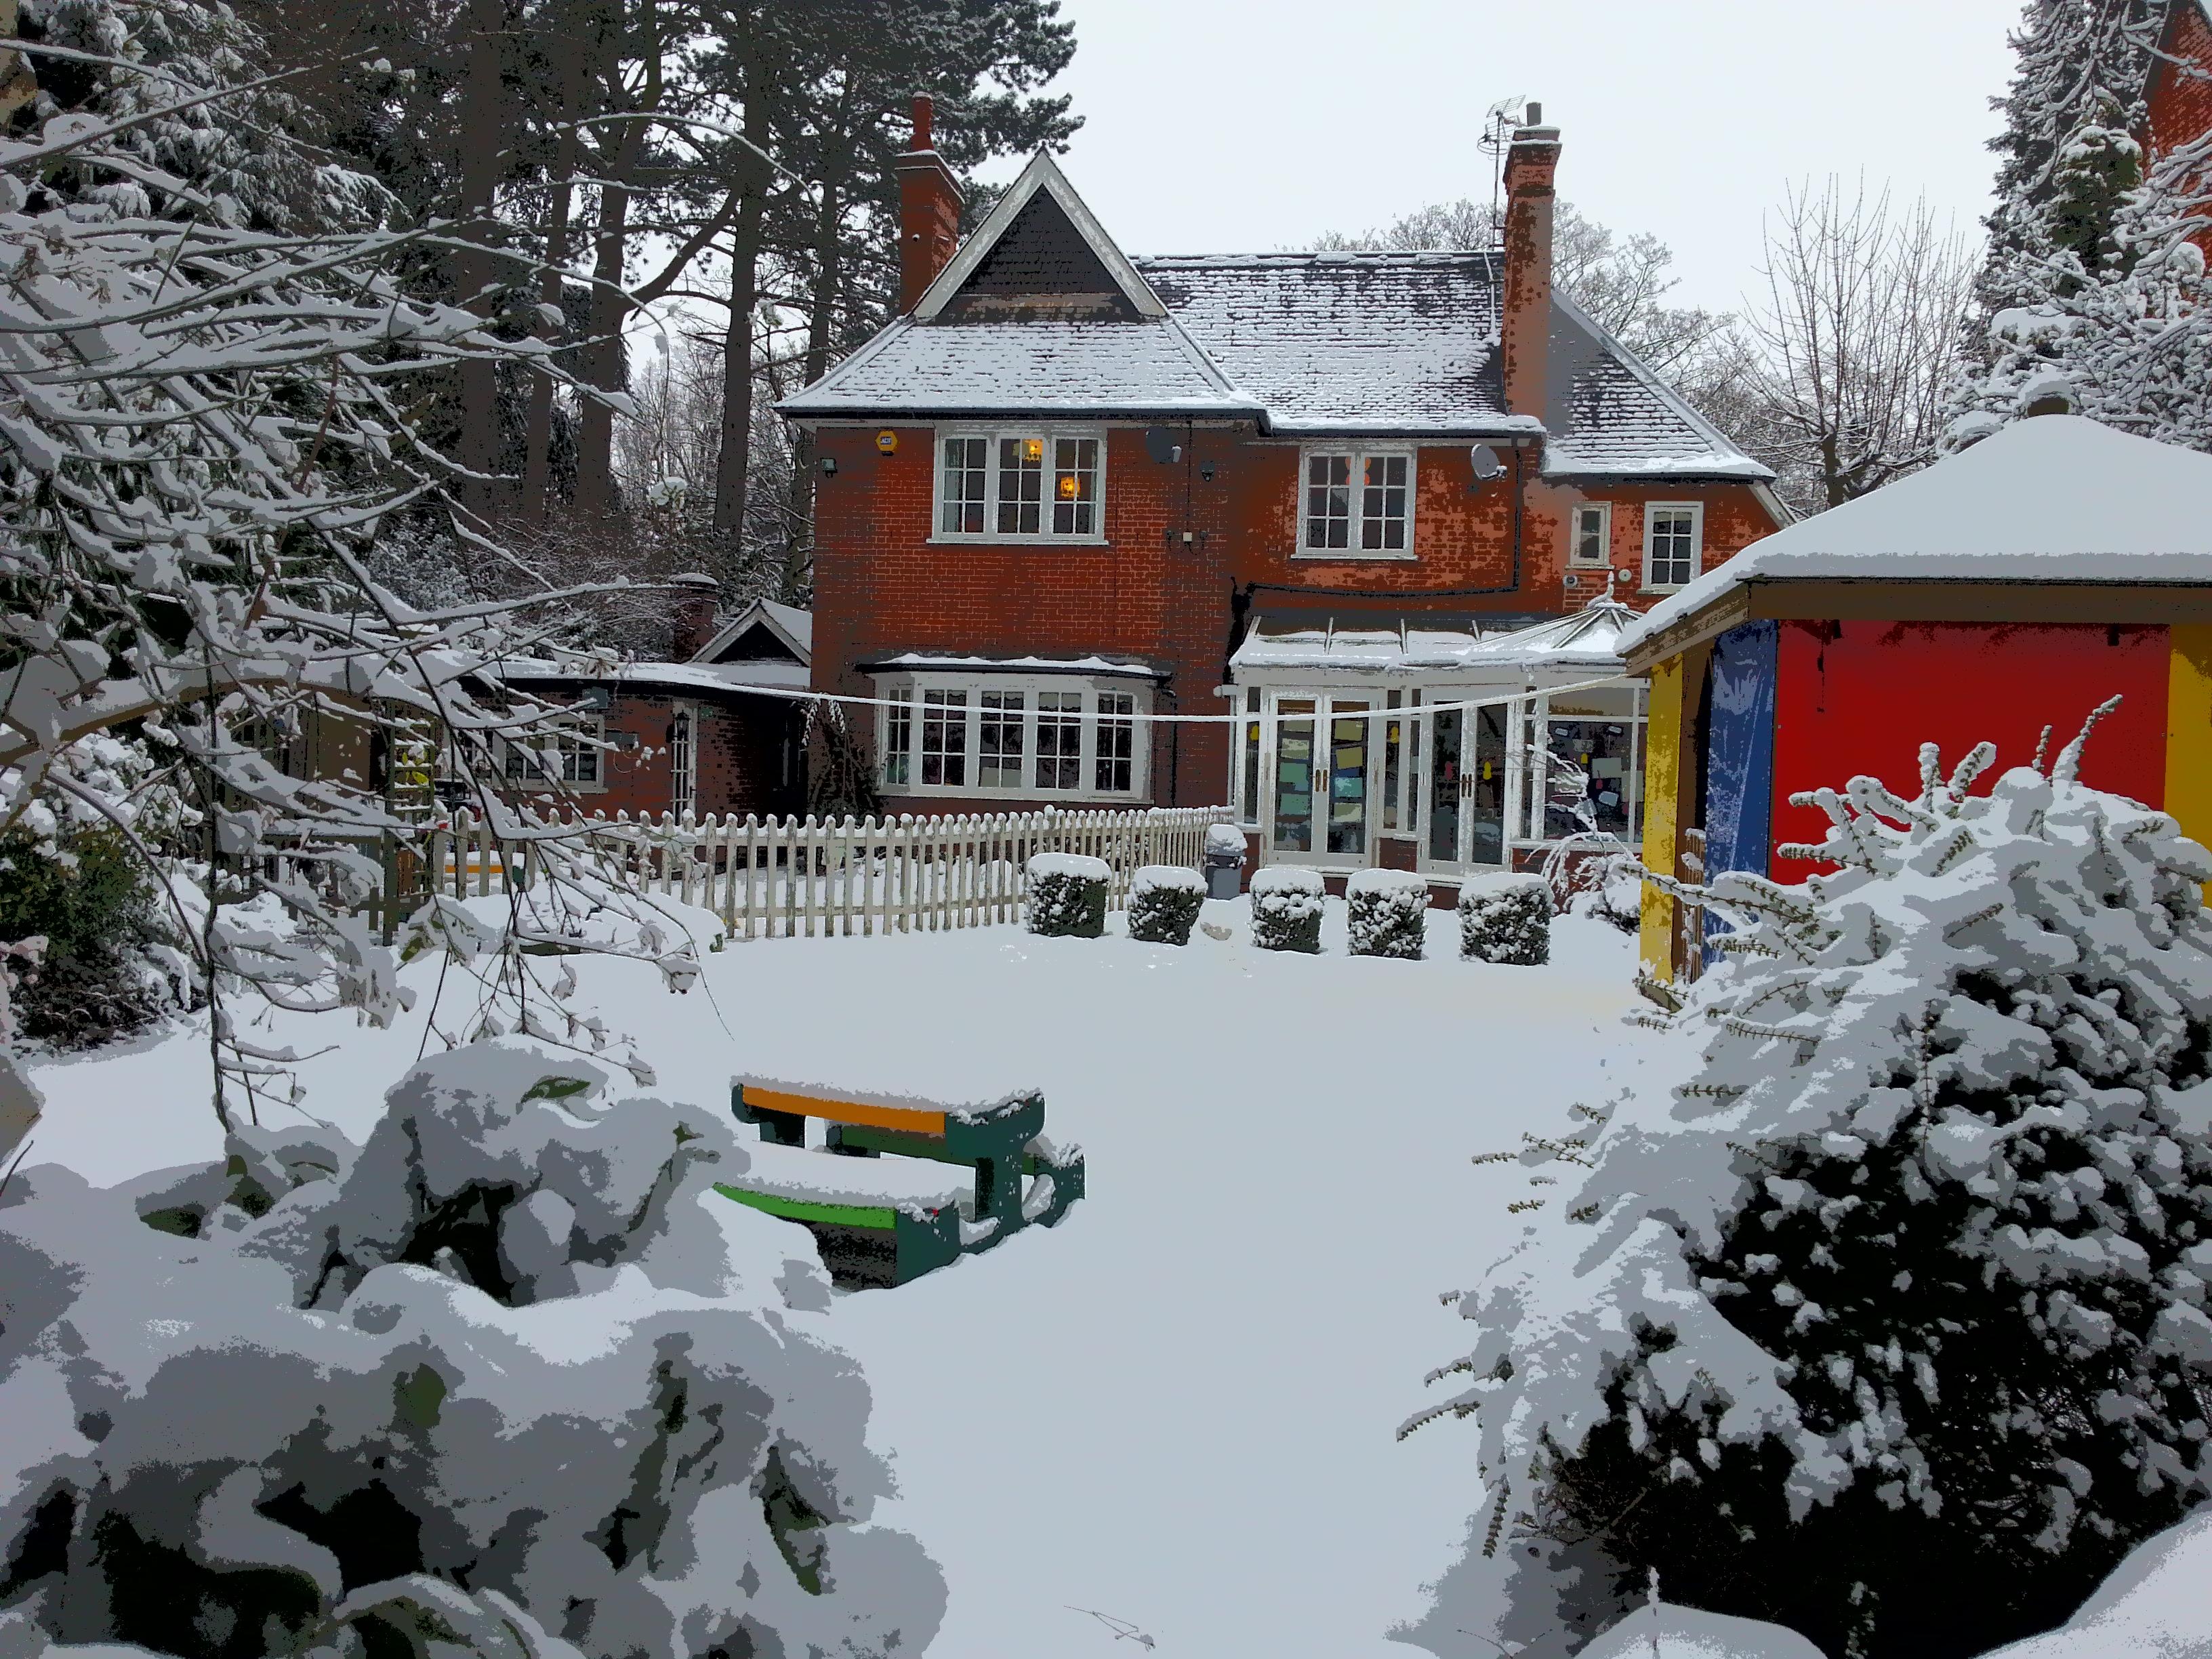 Snow at Nursery Rhymes